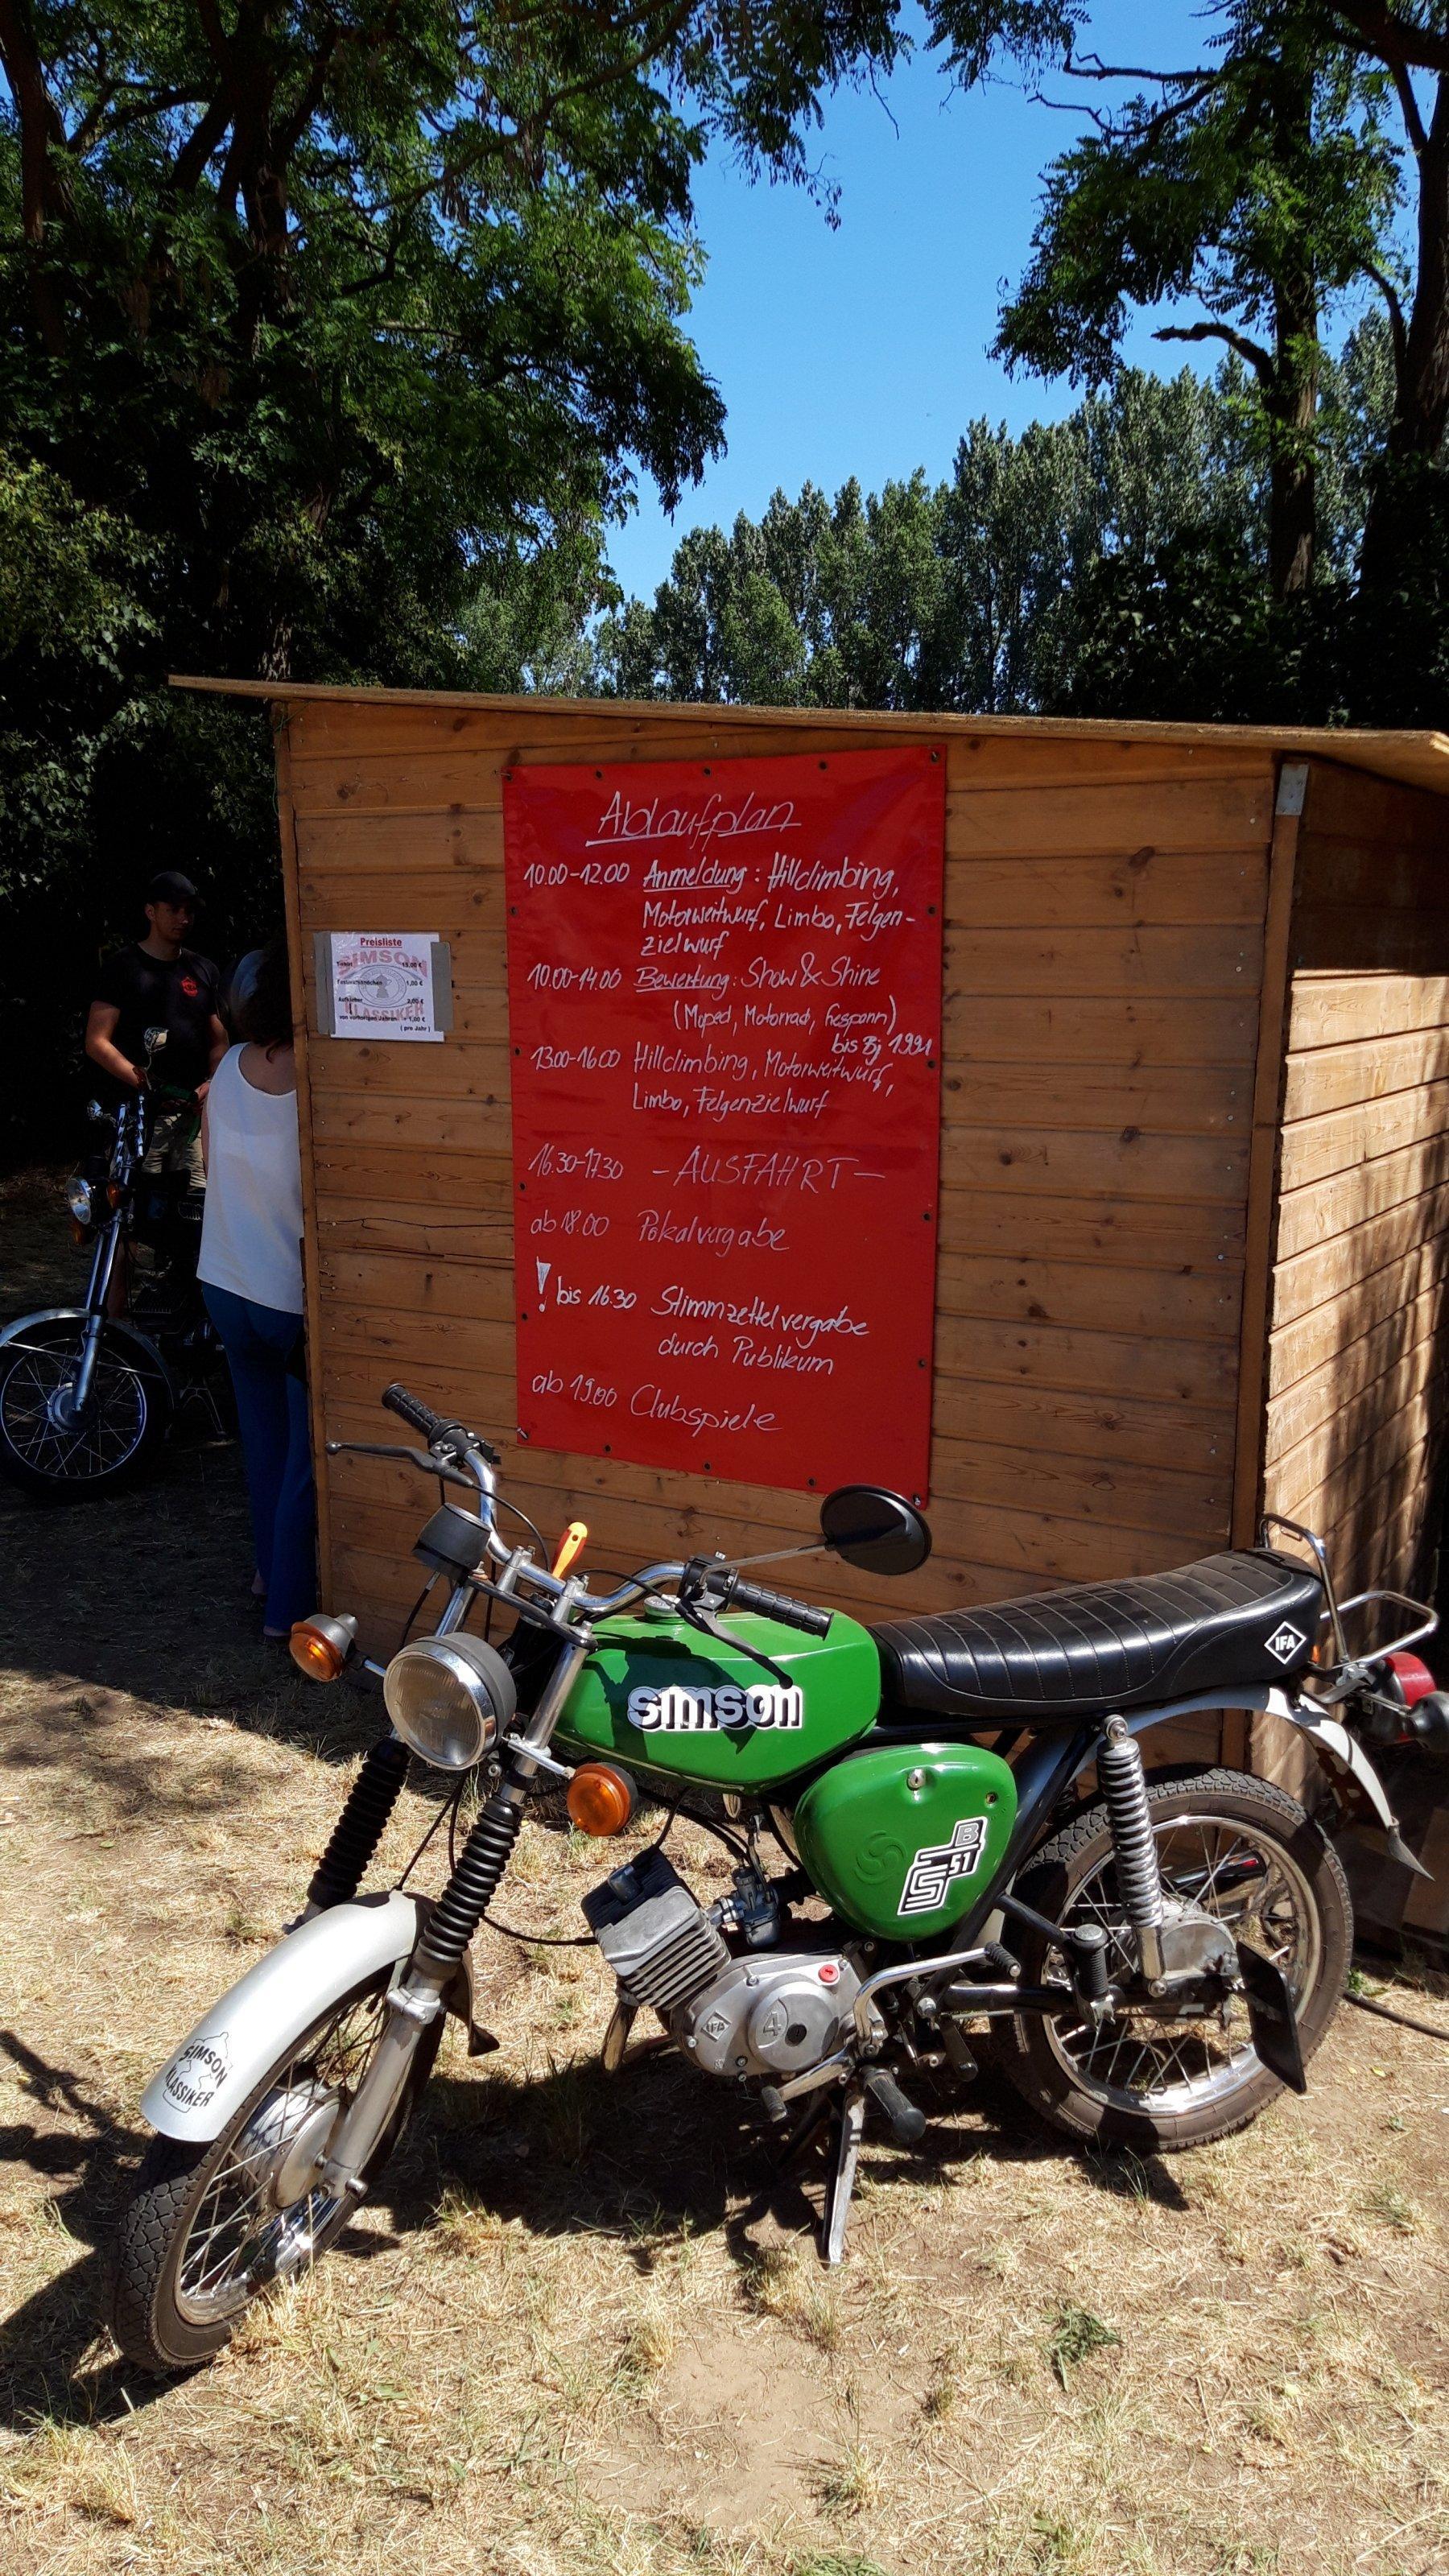 Per Hand geschrieben stehen die Veranstaltungsdetails auf einer großen Tafel, davor ein Motorrad